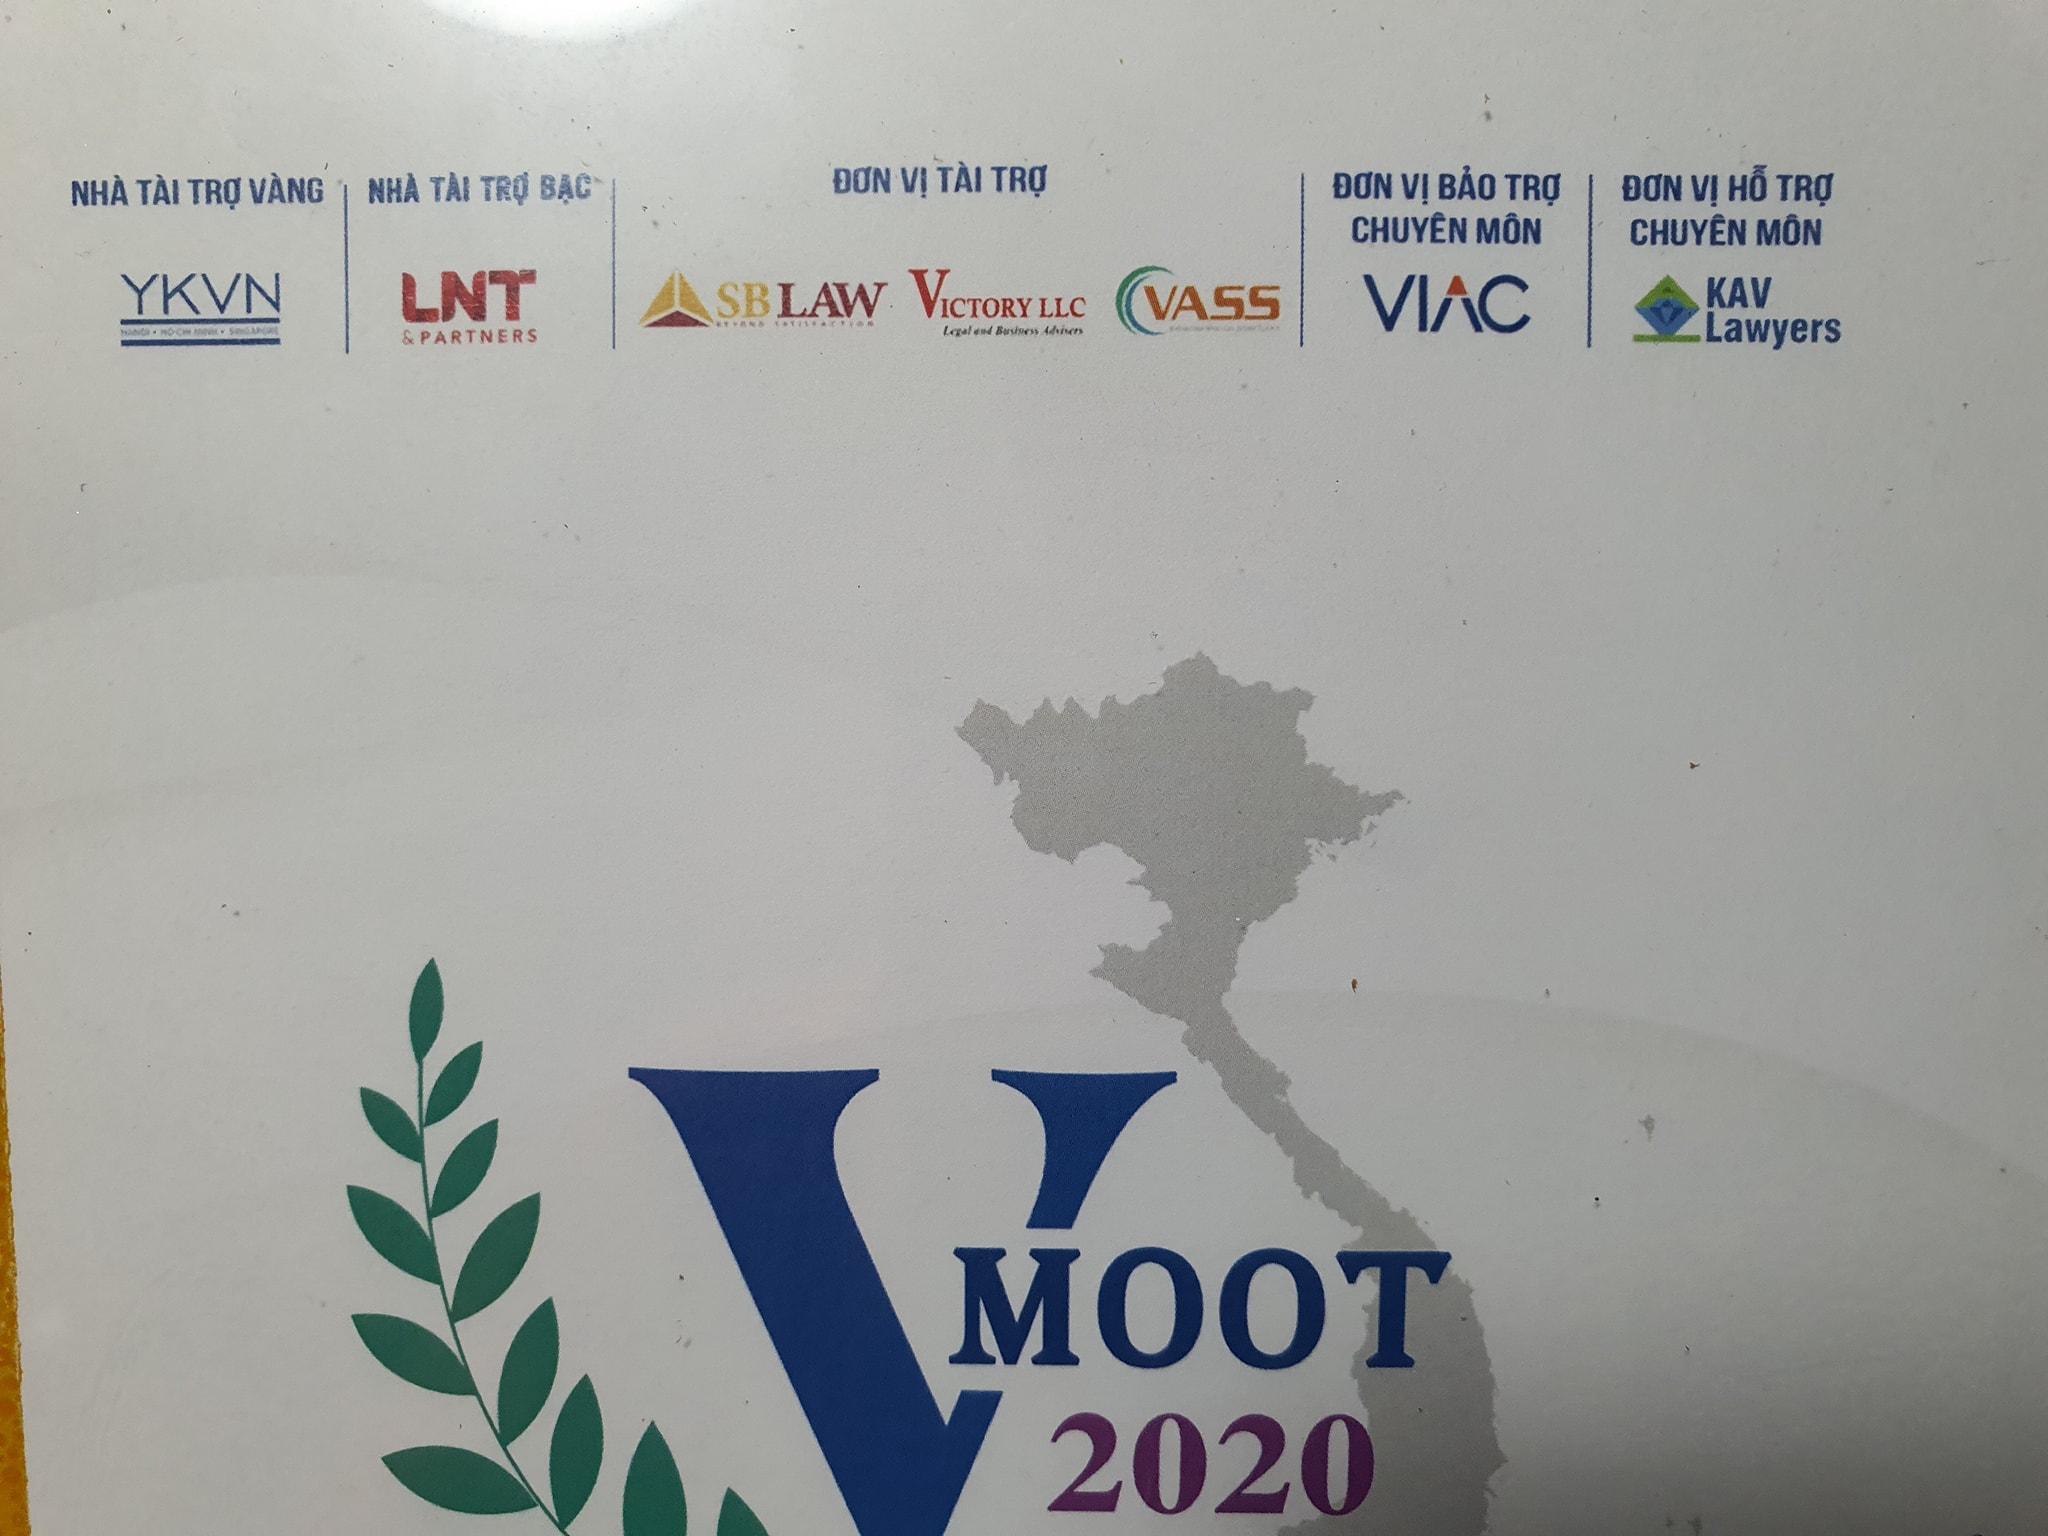 Luật sư SBLAW là giám khảo PHIÊN TÒA GIẢ ĐỊNH VMoot 2020